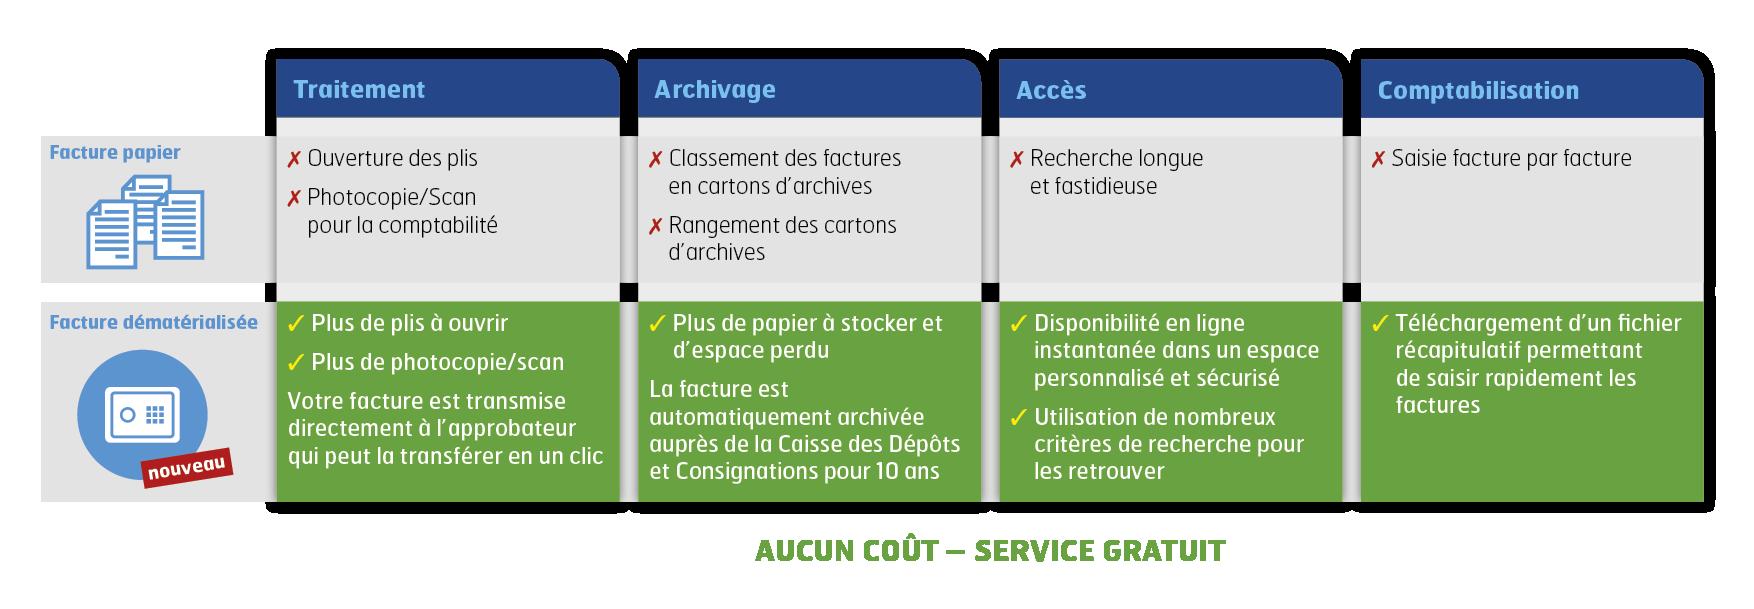 Carte Castorama Retrouver Facture.La Dematerialisation Des Factures Rexel France Leader De